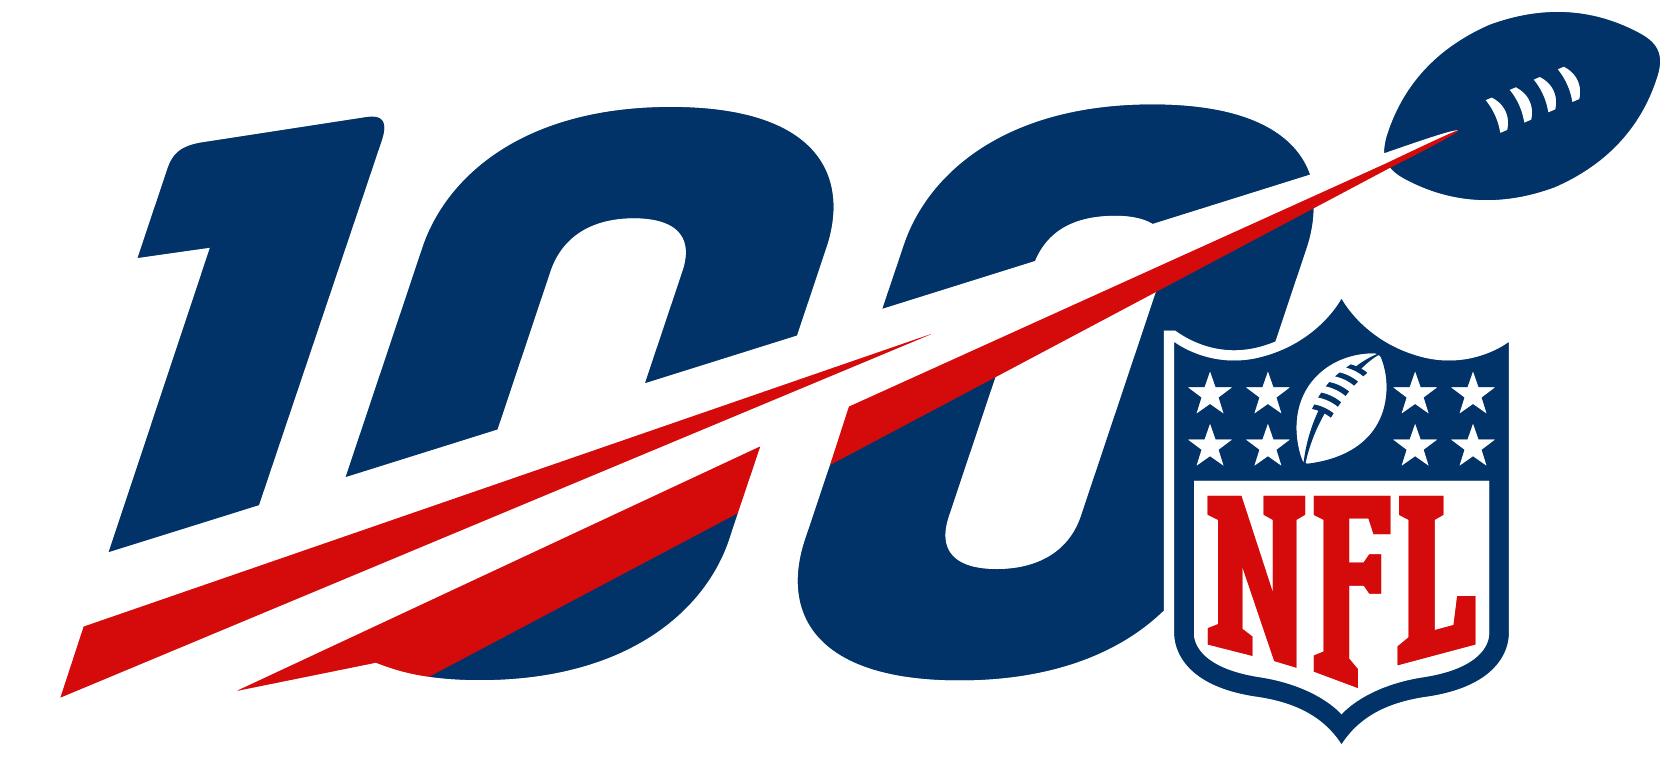 Image Courtesy of NFL